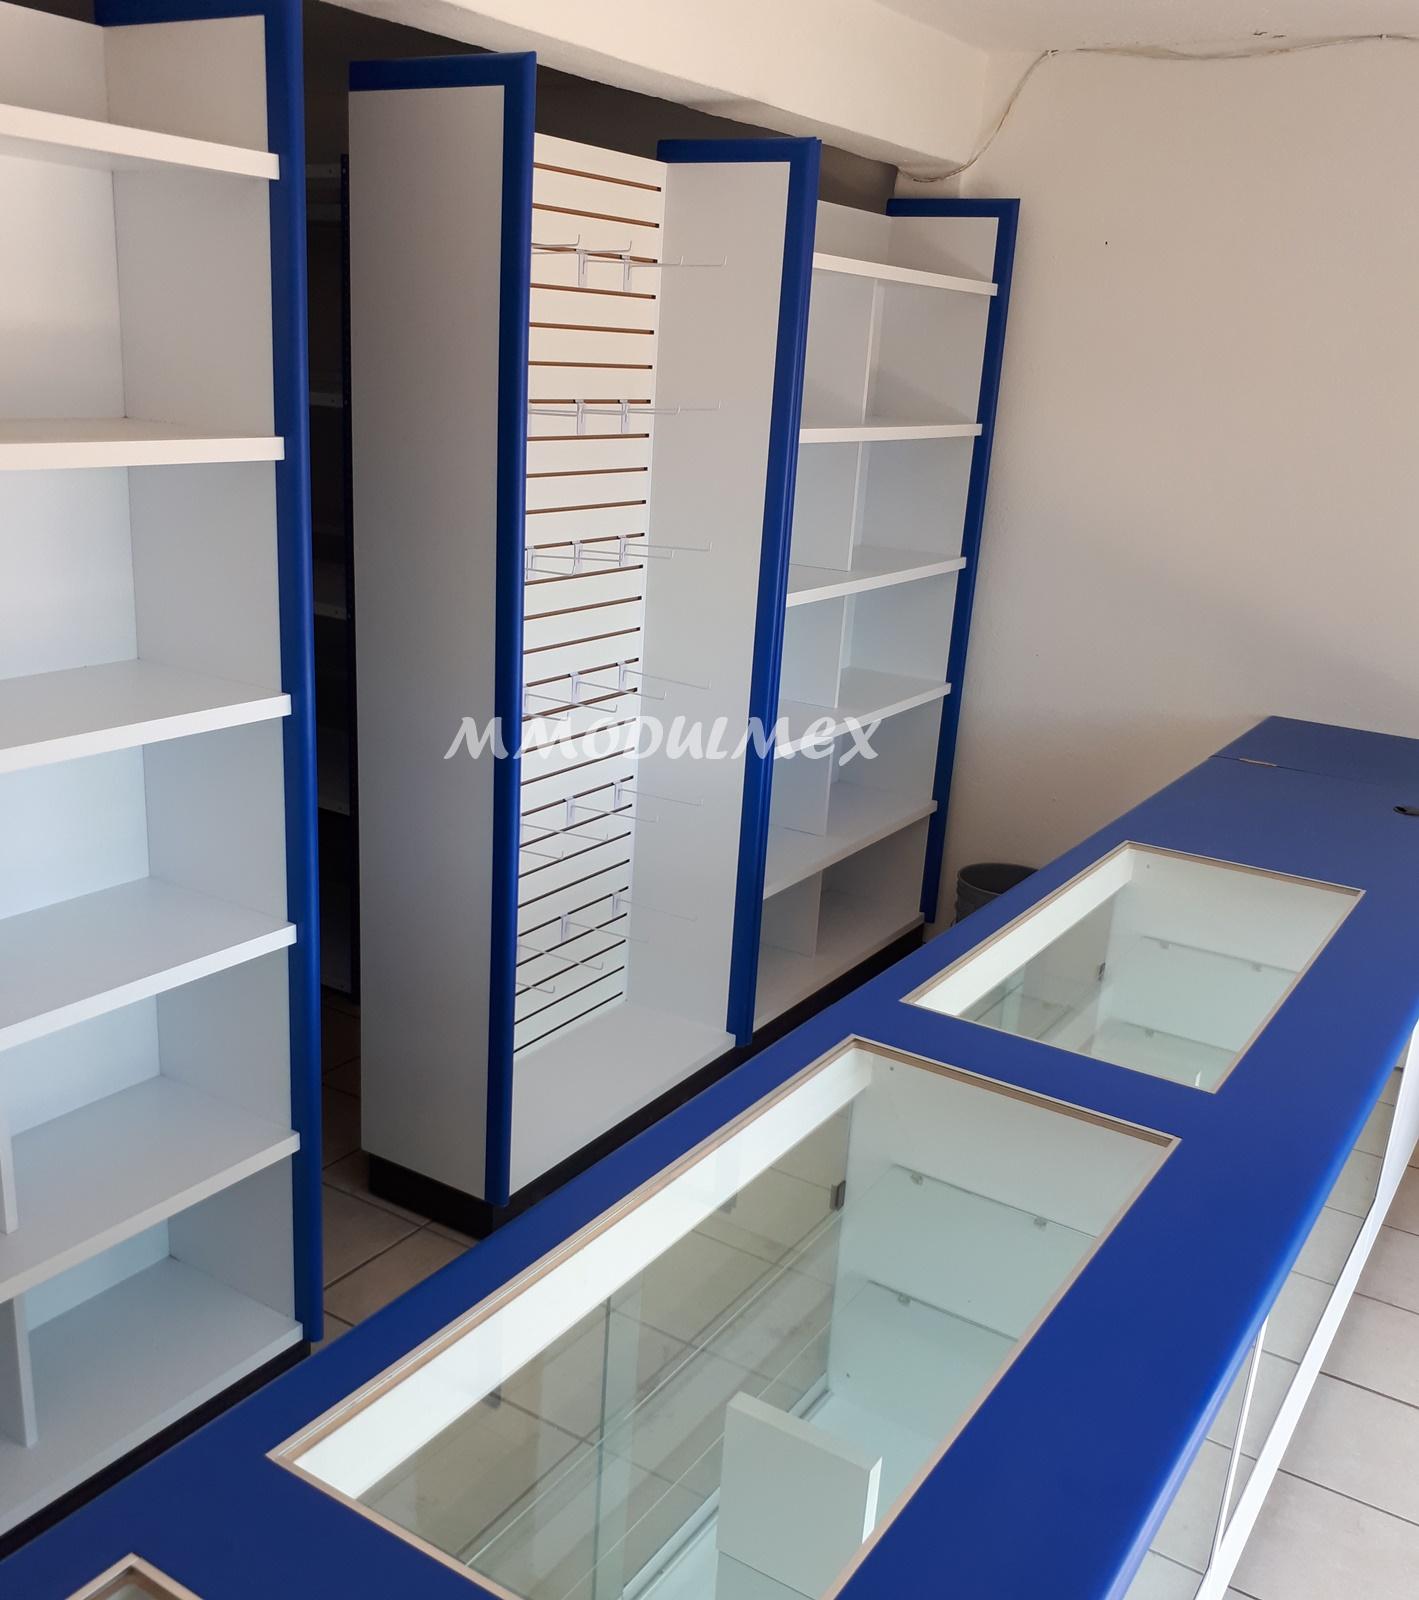 Muebles de tiendas muebles de oficinas y muebles sobre for Diseno de muebles metalicos pdf